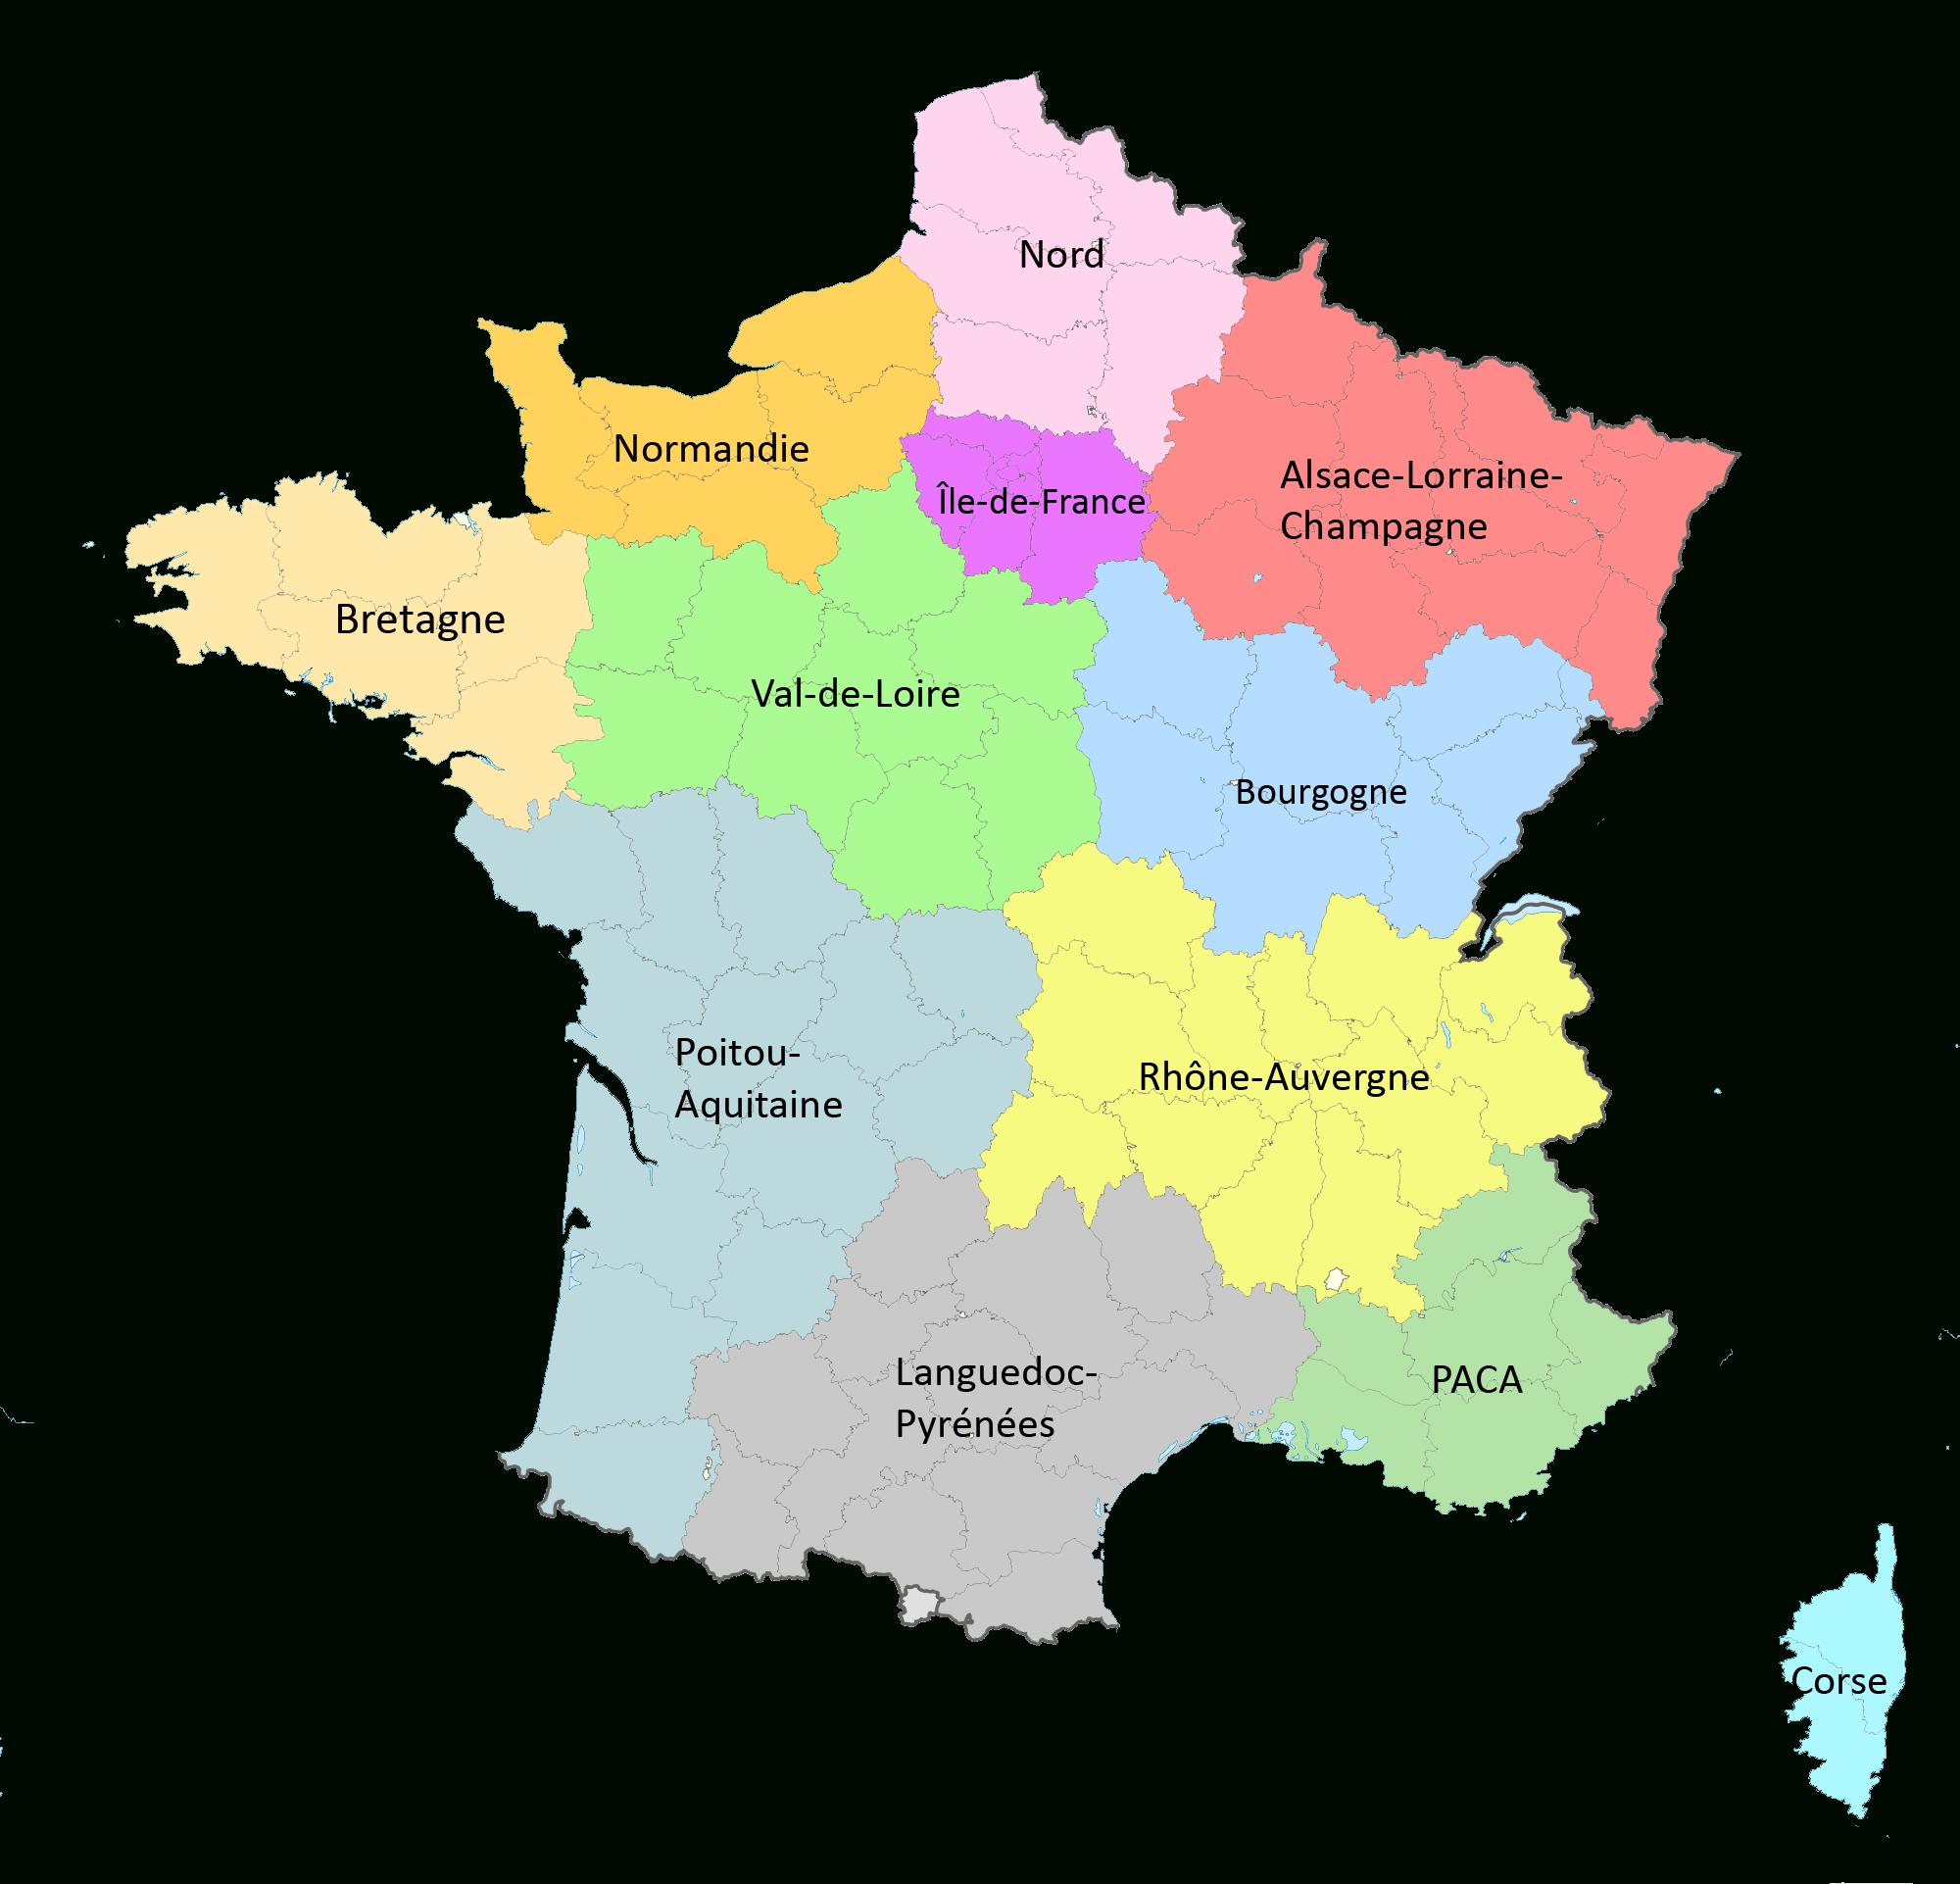 Réforme Territoriale : Une Nouvelle Carte À 12 Régions concernant Nouvelle Carte Des Régions De France